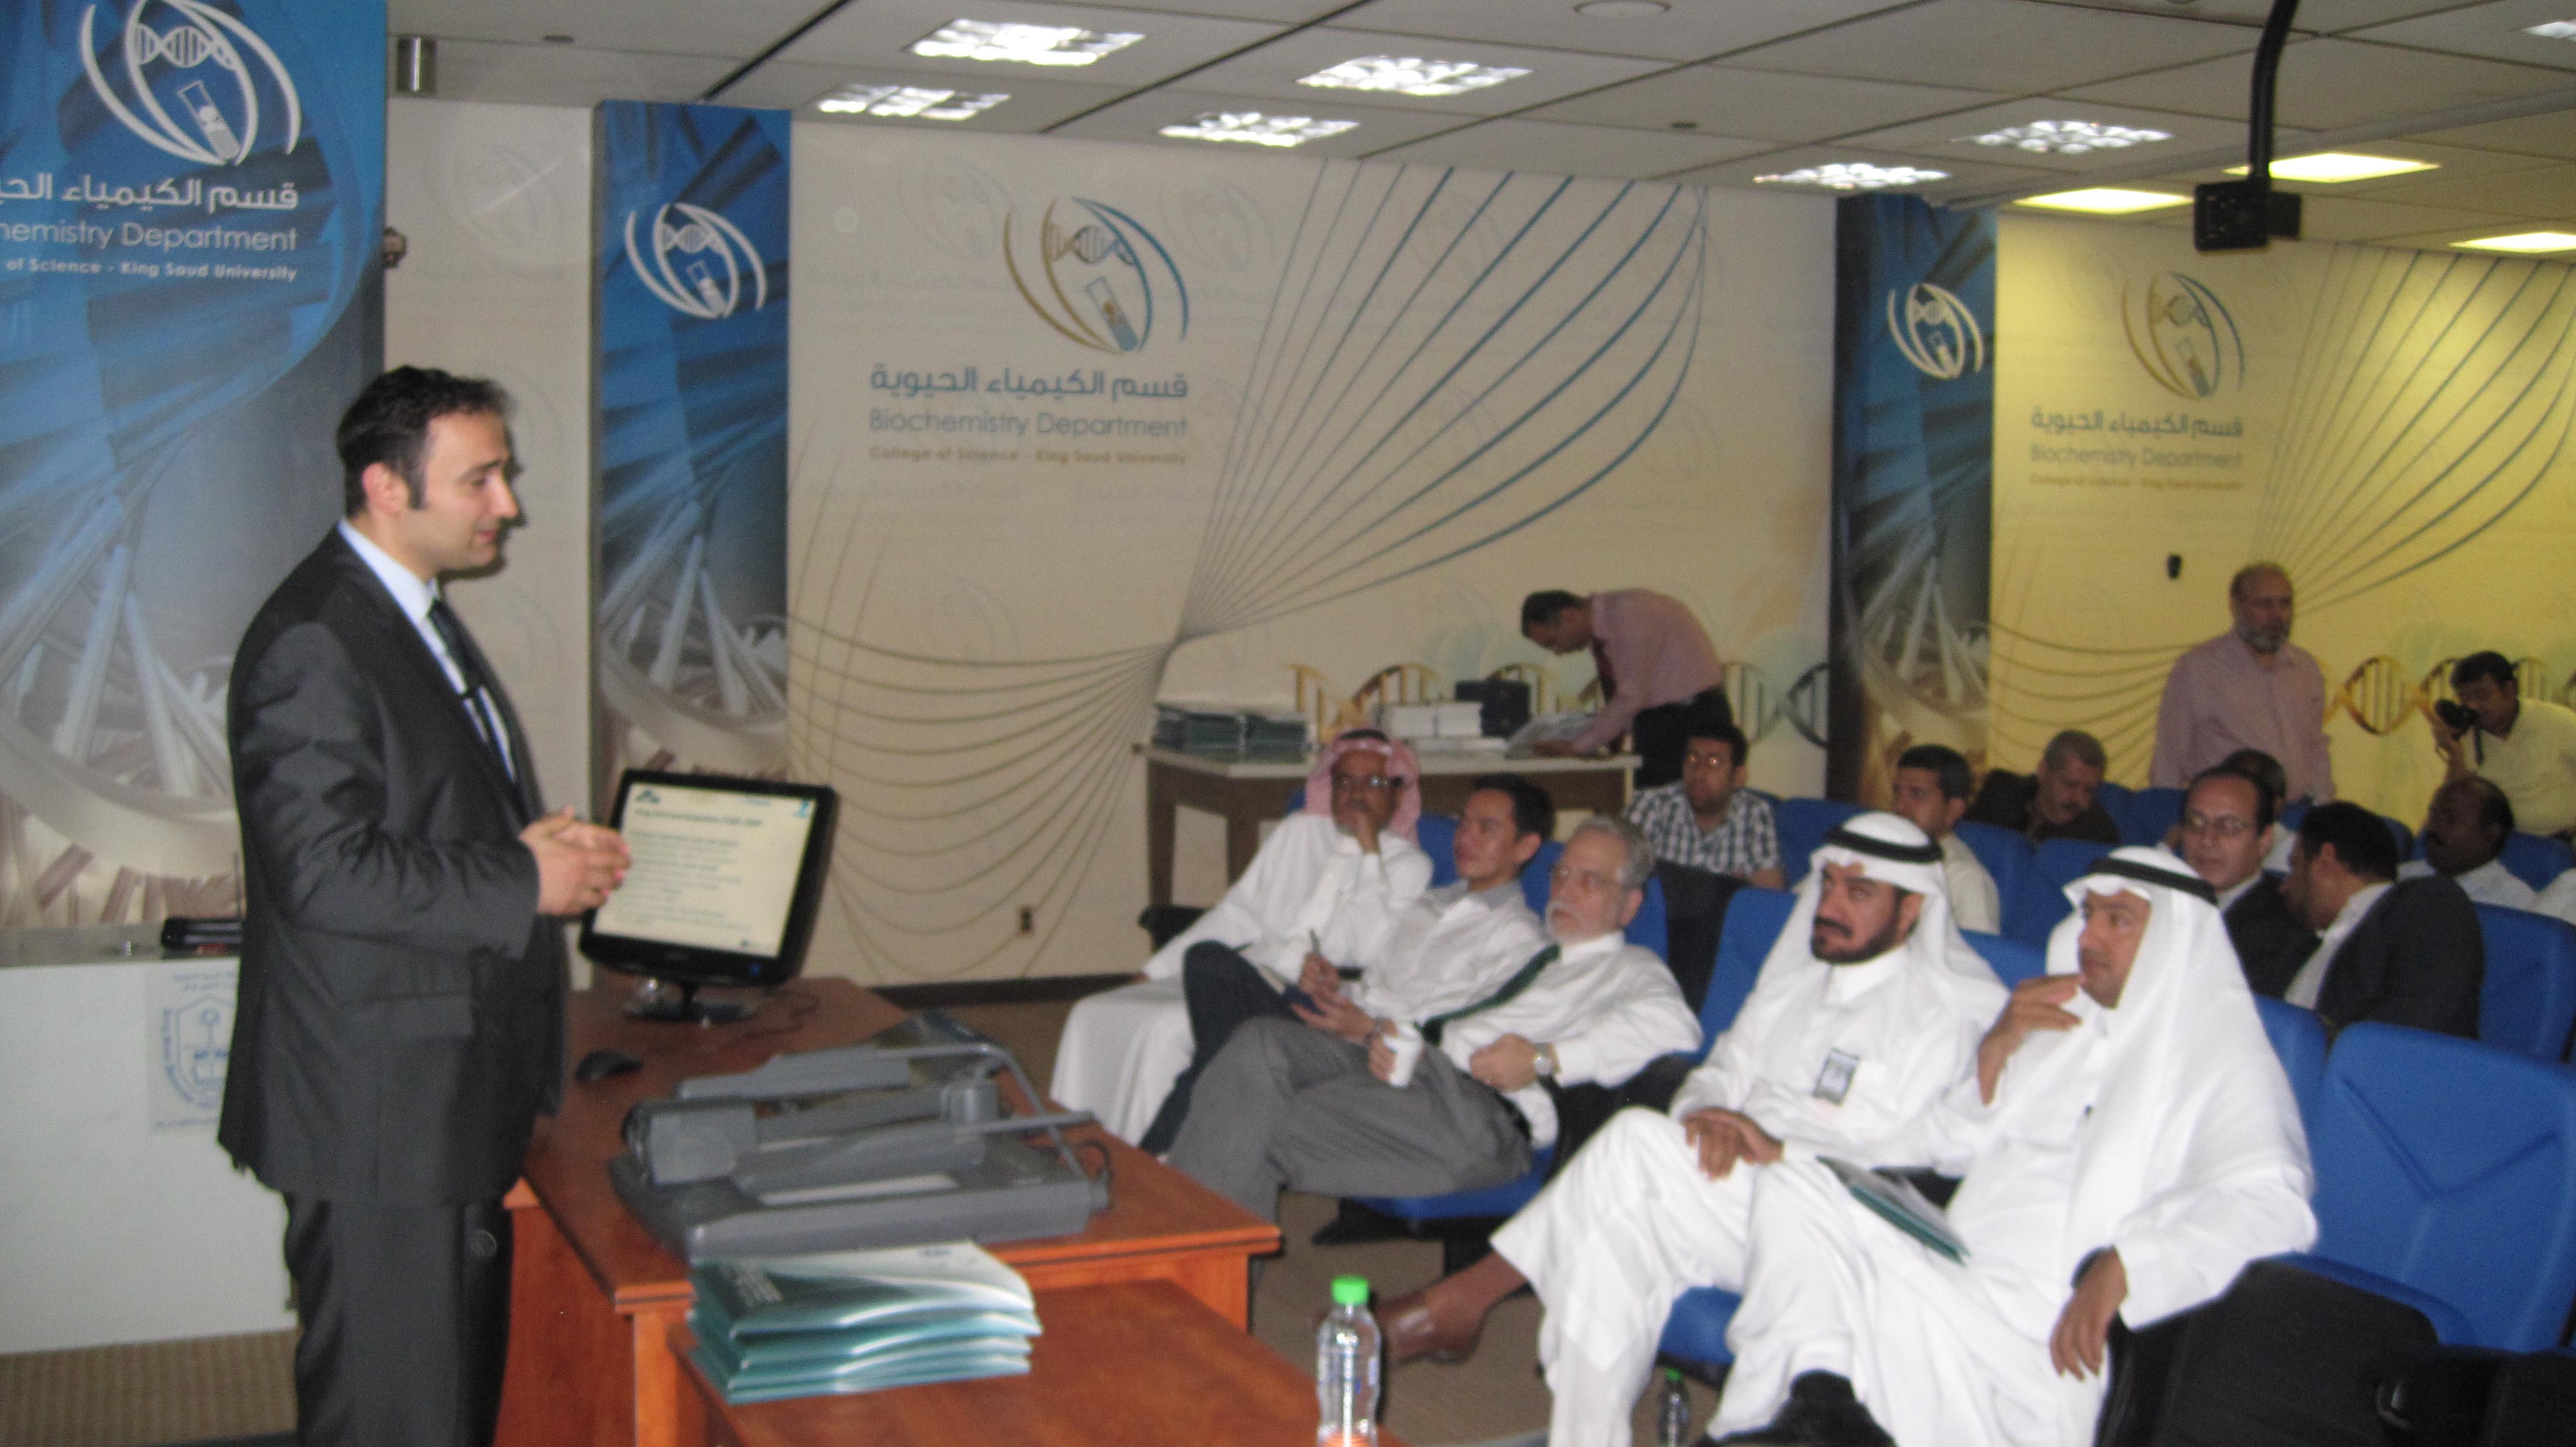 """نظم برنامج أبحاث المؤشرات الحيوية وكرسي الأمير متعب بن عبد الله لأبحاث المؤشراتالحيوية لهشاشة العظام سلسلة محاضرات عن كيفية التقدم لطلب المنح البحثية ببرنامج الـ FP7، أكبر خطه لتمويل البحوث الأوروبية """""""